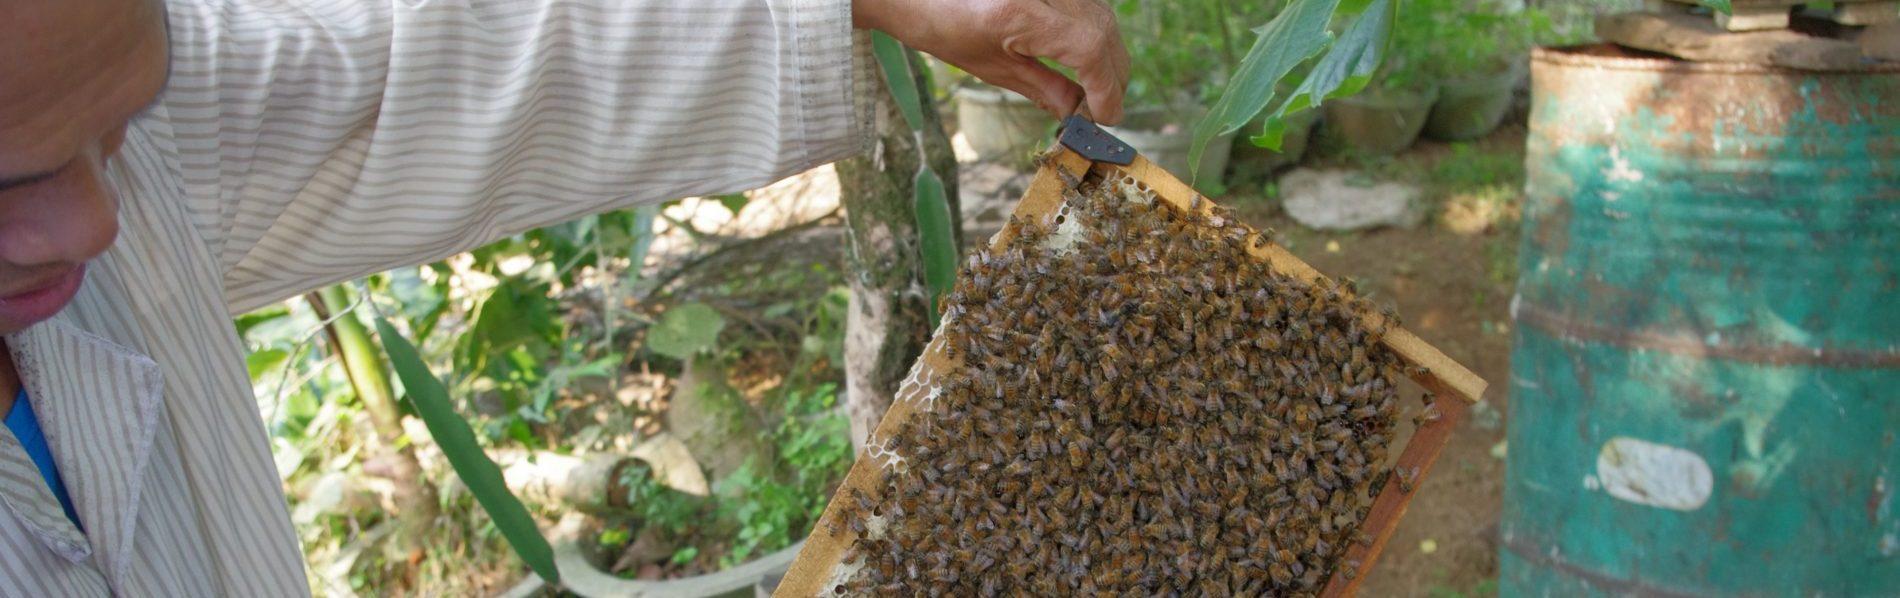 庭先での養蜂の様子